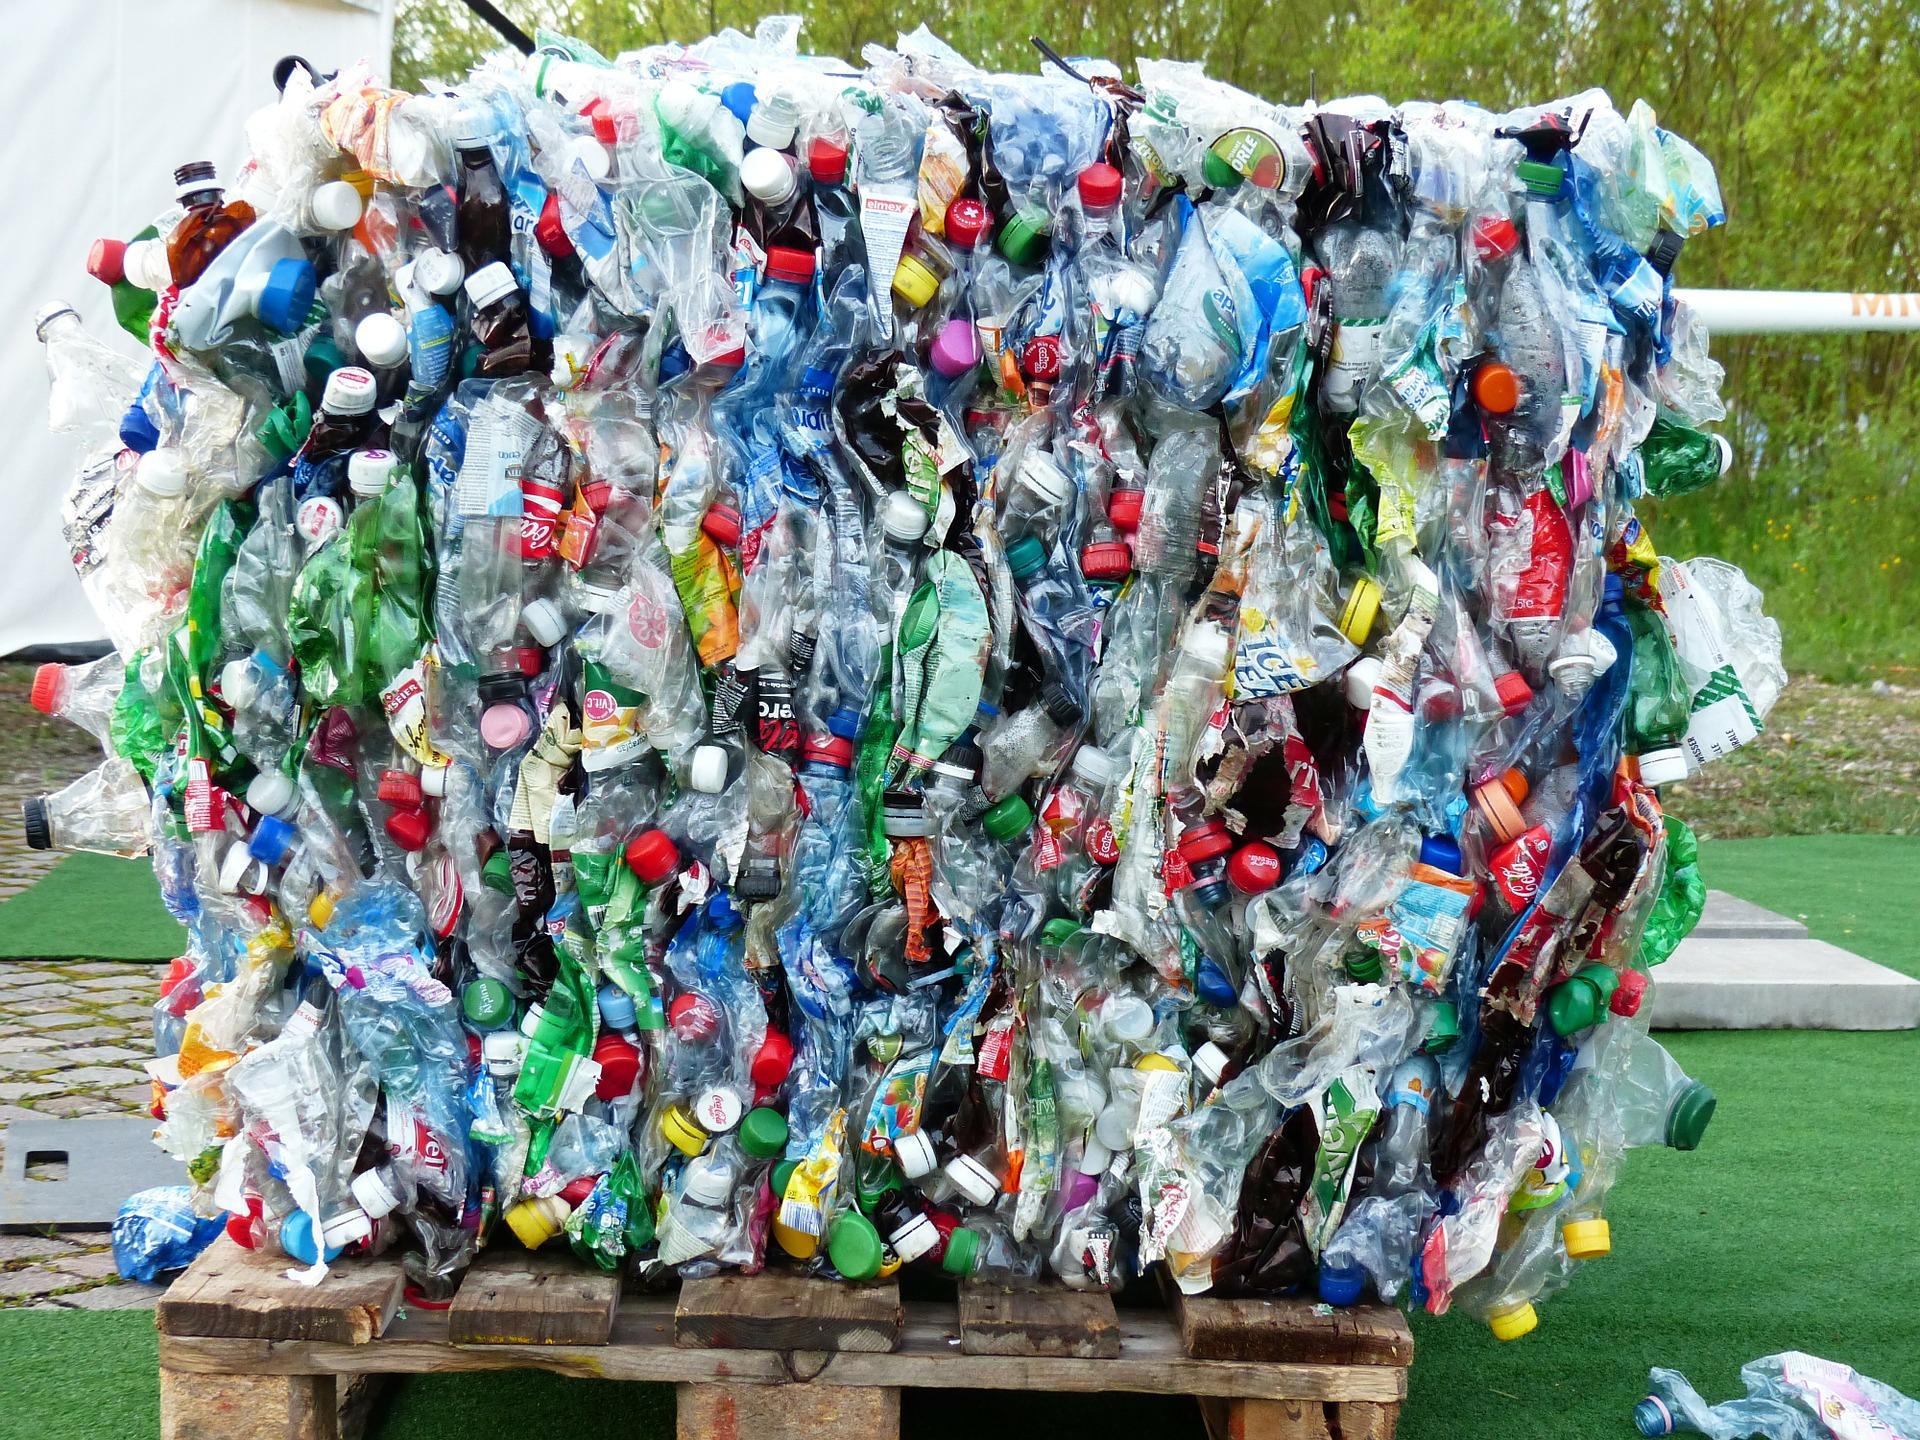 Nowe kary dla przewoźników transportujących odpady. 10 tys. zł za przewinienie